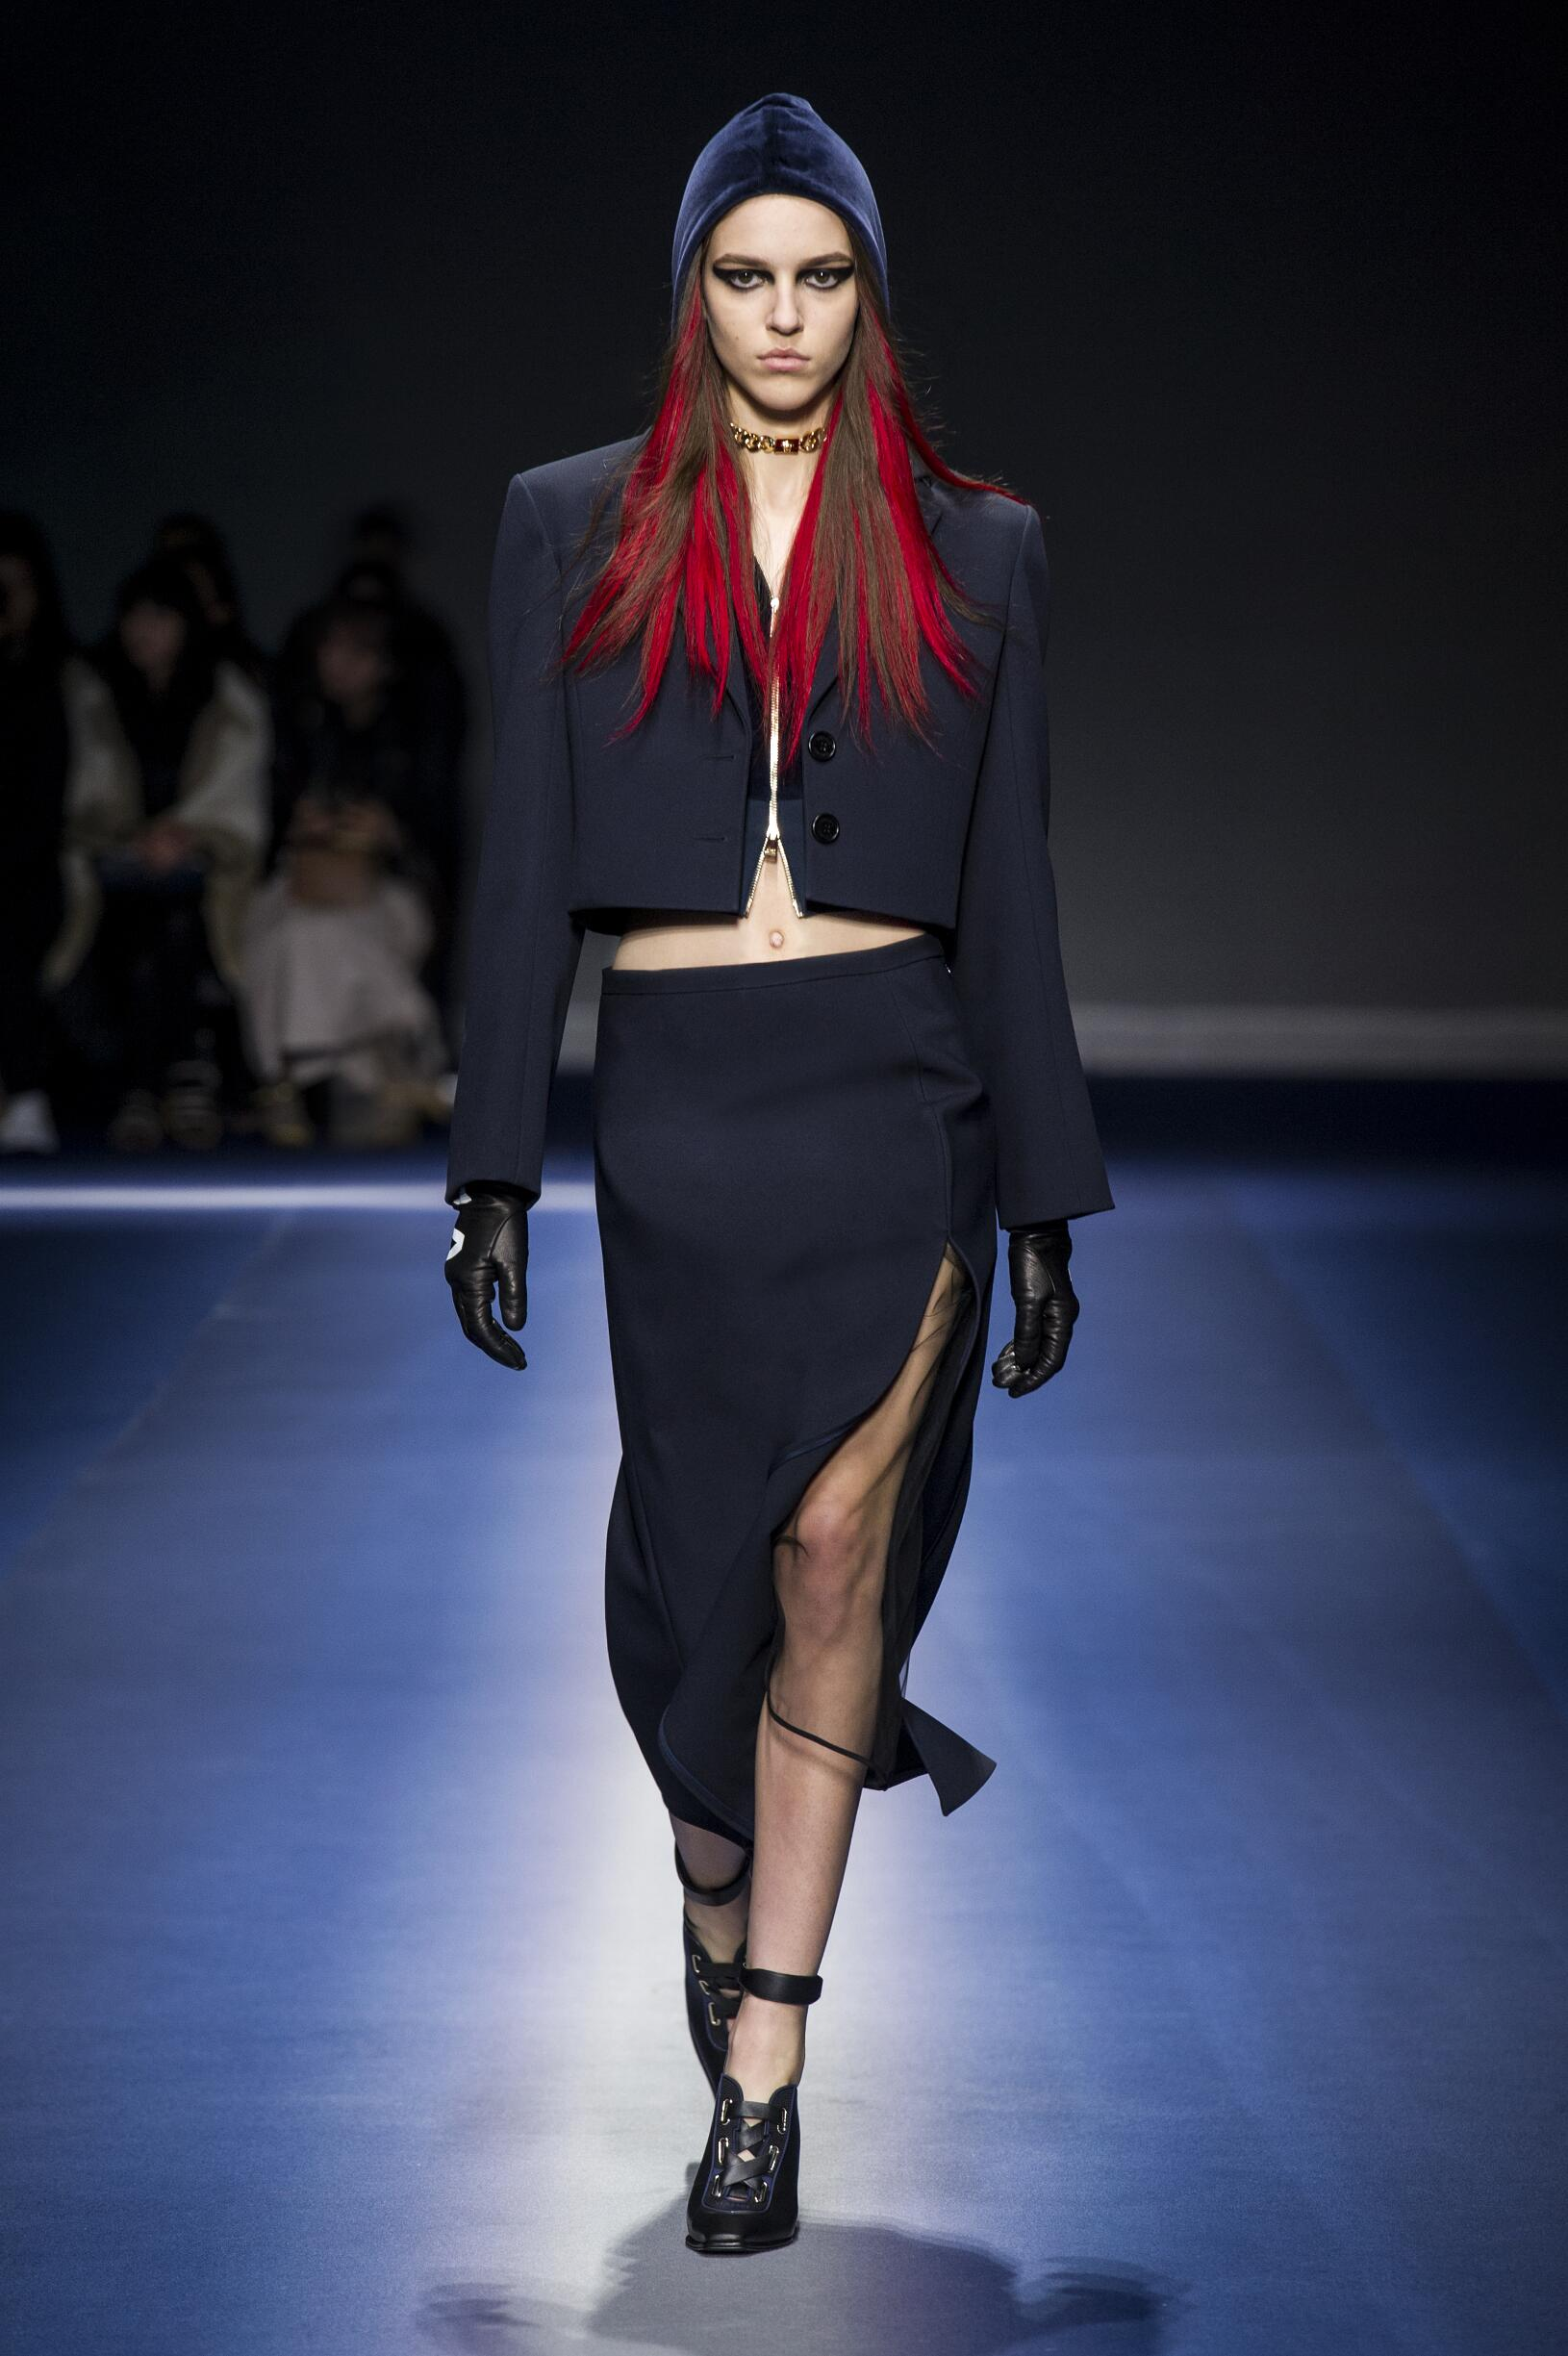 FW 2017 Versace